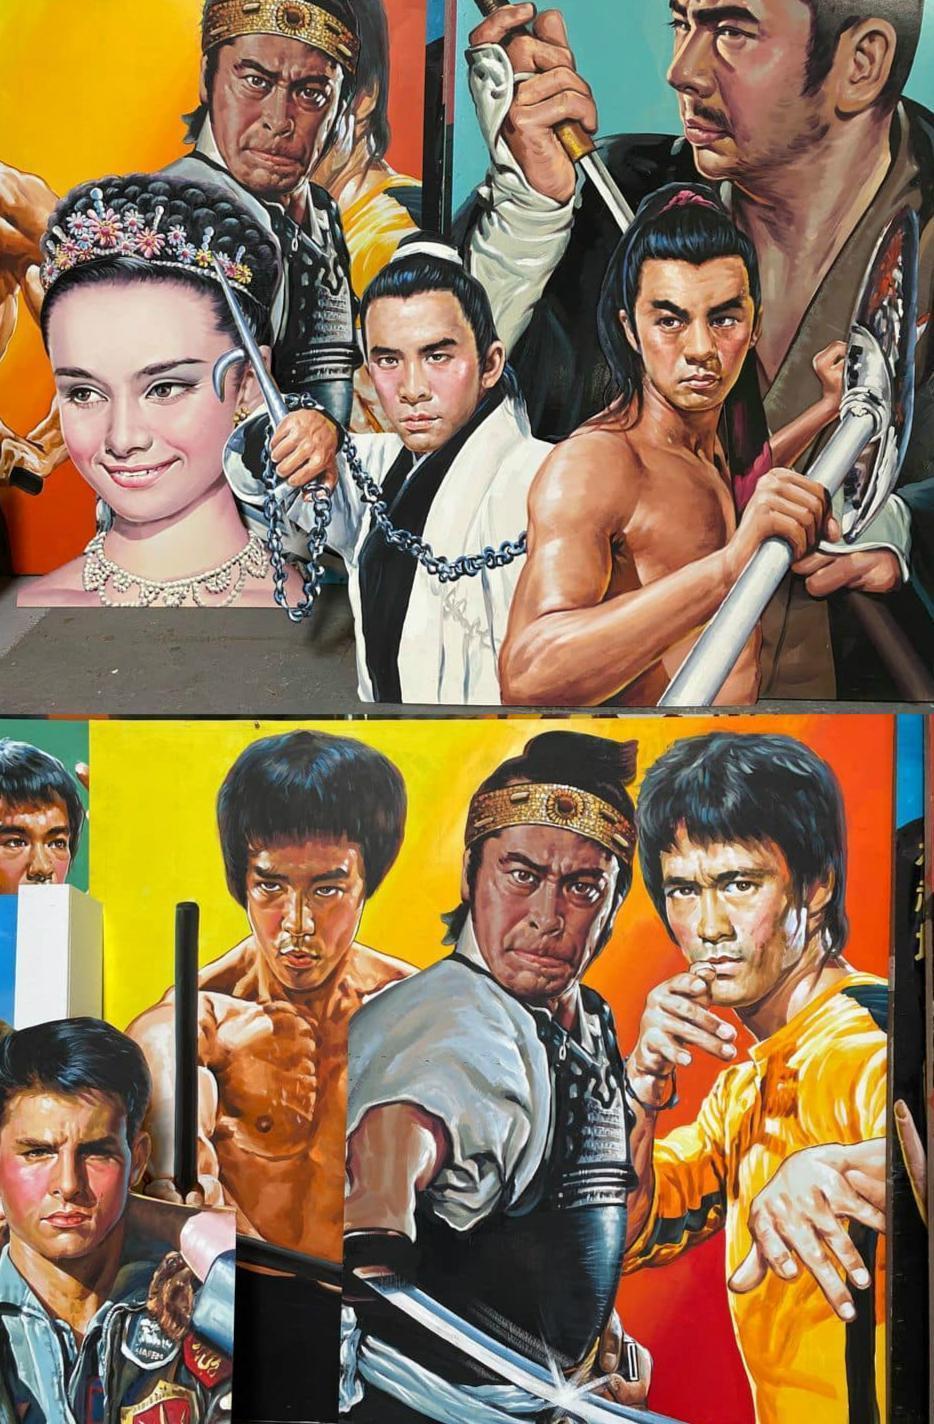 在1960、70年代的電影黃金時期,許多戲院會高掛大型看板海報吸引民眾入場,在那個還沒有電腦書輸出的年代,全由畫師手繪而成。(翻攝自Mr. 布雷蕭臉書)